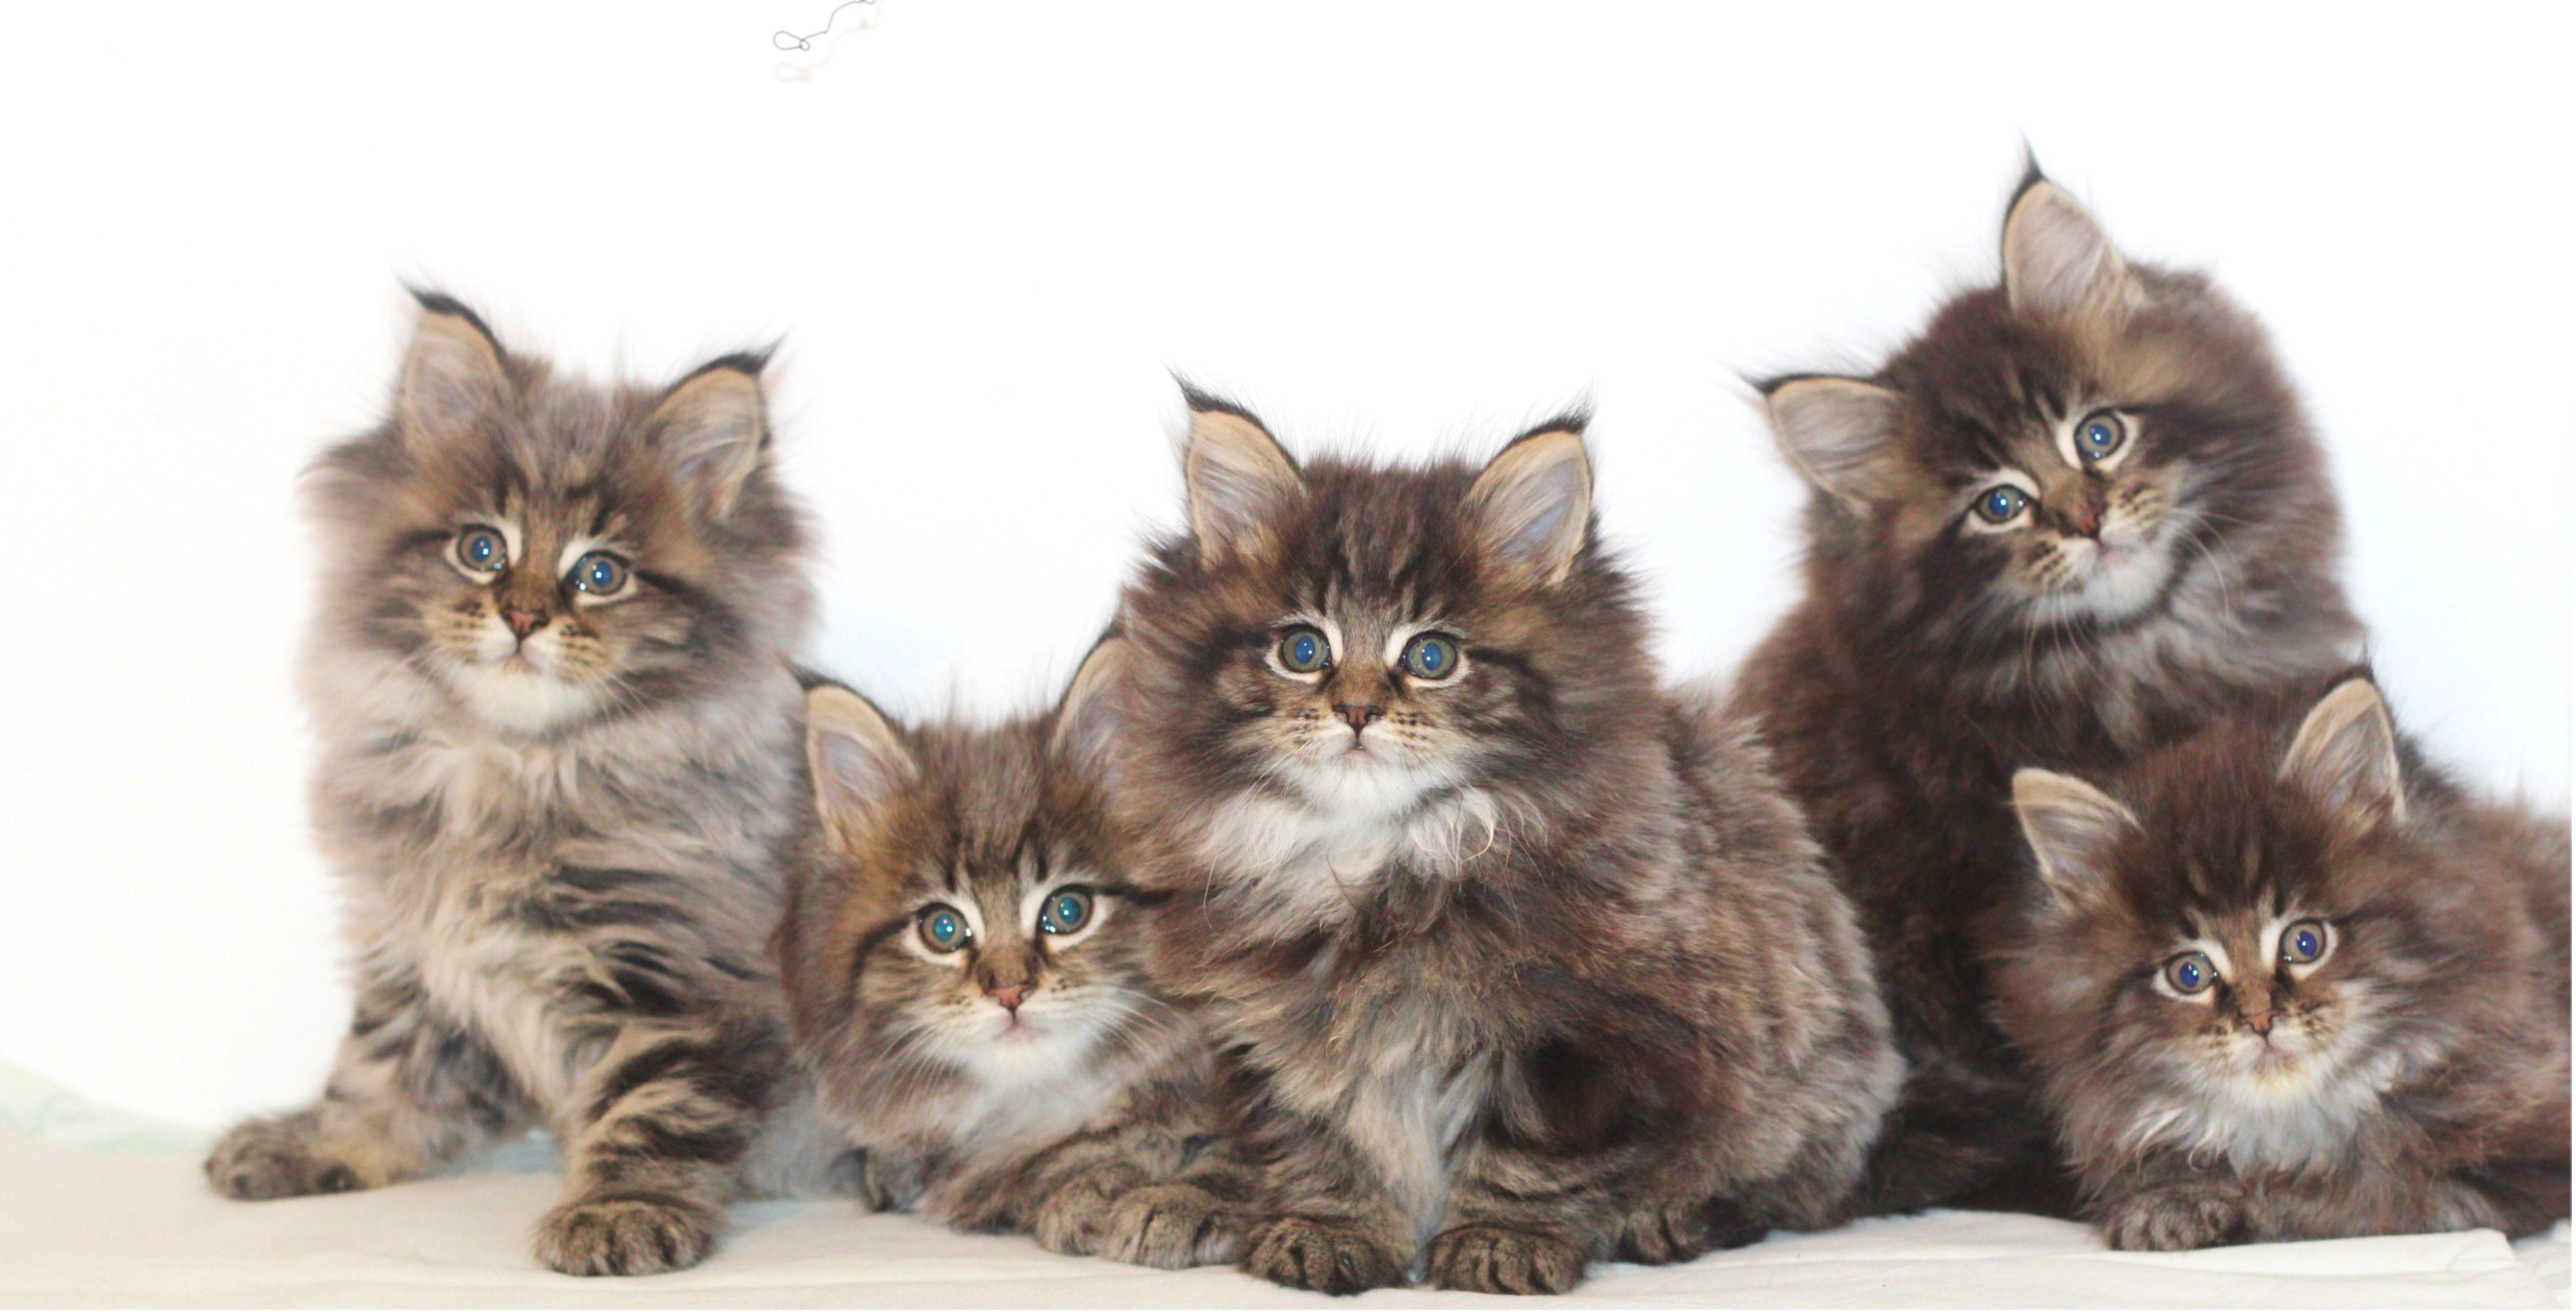 Maine Coon Kitten aus Maine Coon Zucht vom Maine Coon Züchter, typvoll Stammbaum, Papiere, Mainecoonkitten, Maine Coon Zucht, Mainecoonzucht, Berlin, Maine Coon Kitten, Brandenburg, XXLMainecoonkitten